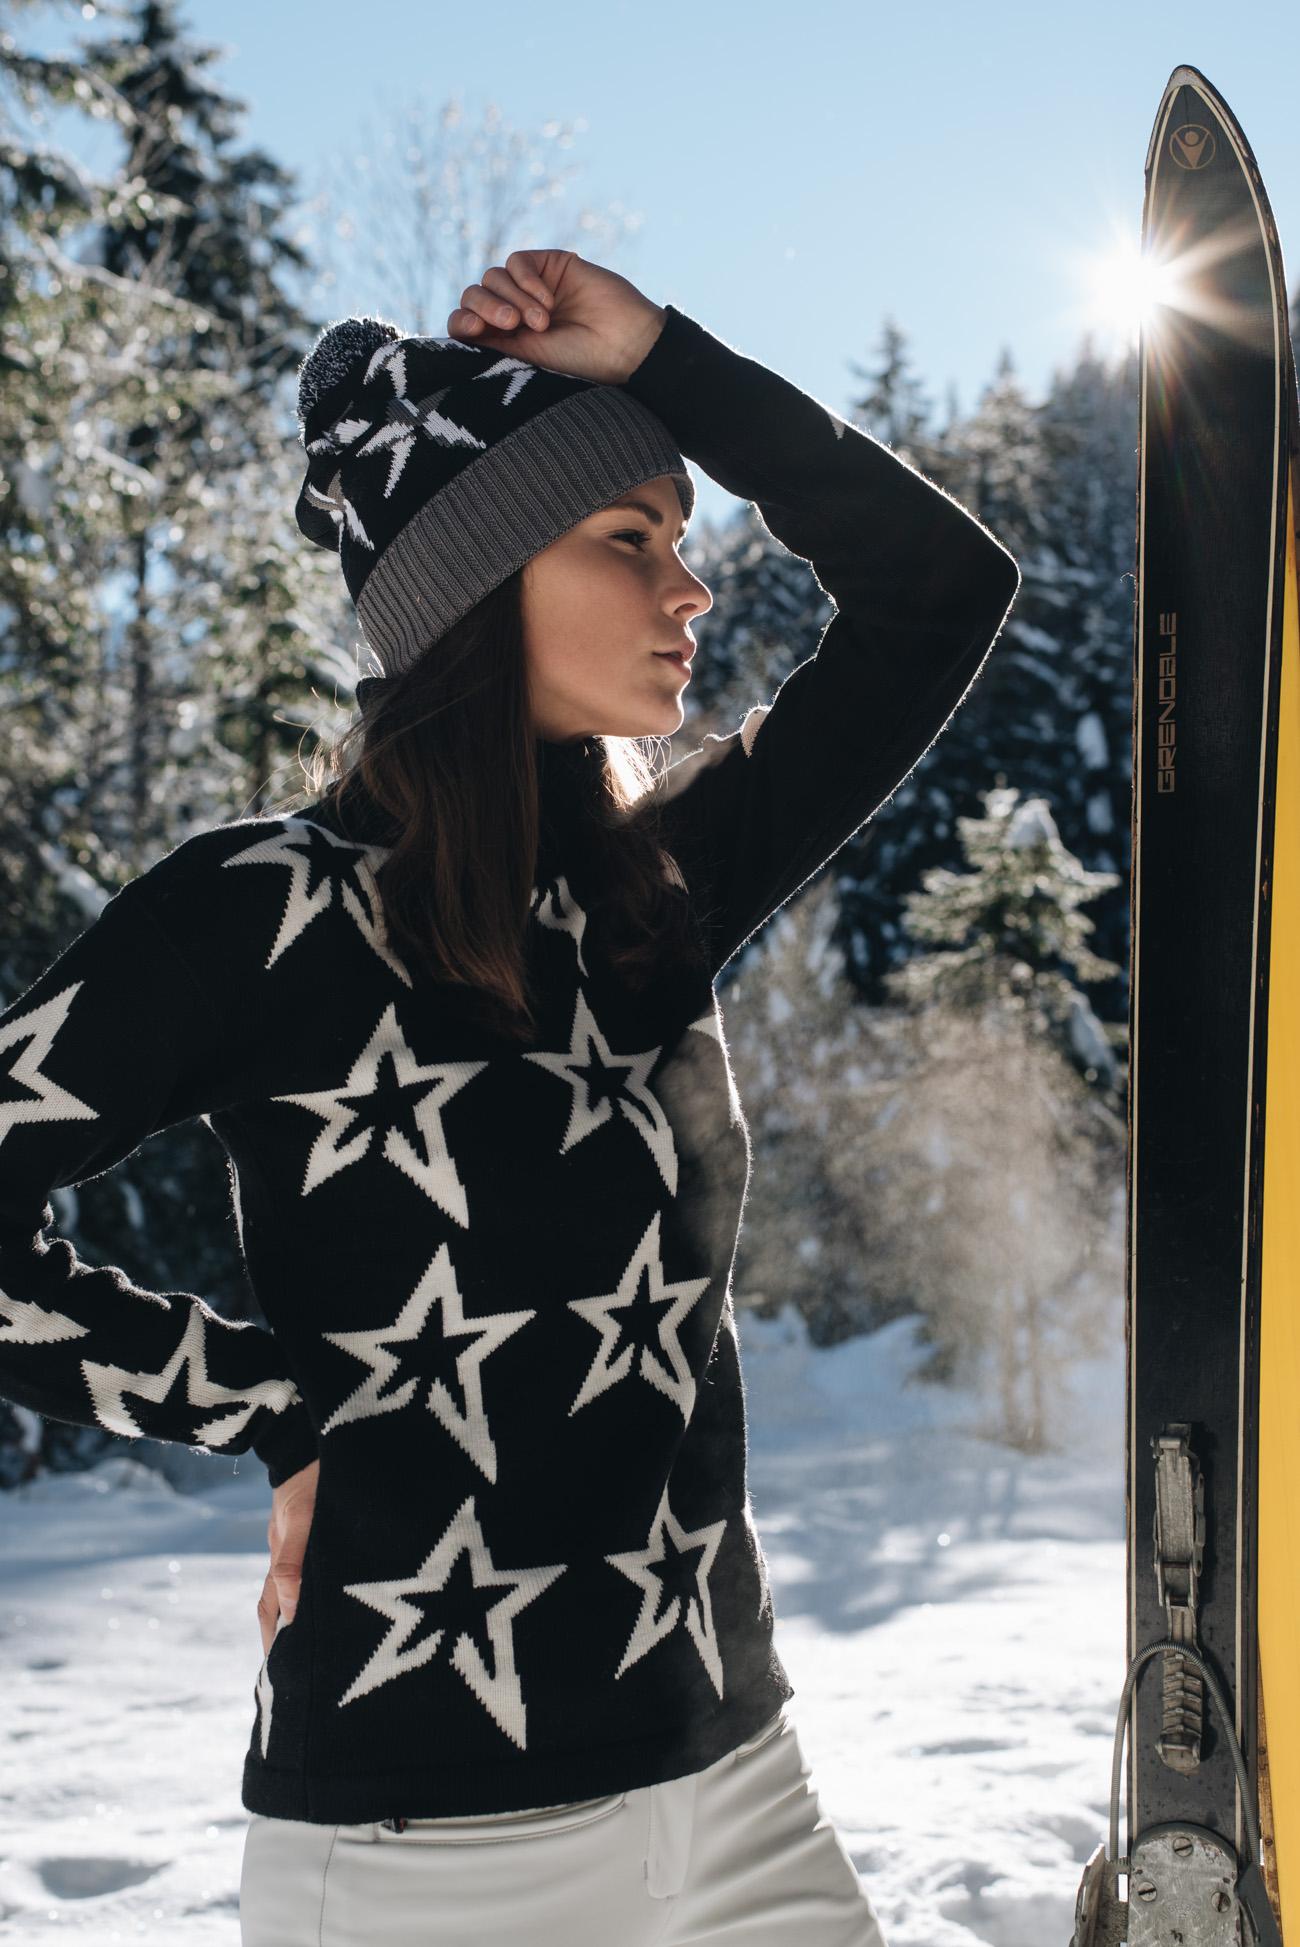 Skipullover-Sternen-Pullover-Perfect-Moment-ski-bekleidung-skikleidung-modisch-damen-winter-fotoshooting-schnee-nina-schwichtenberg-fashionbloggerin-deutschland-münchen-fashiioncarpet